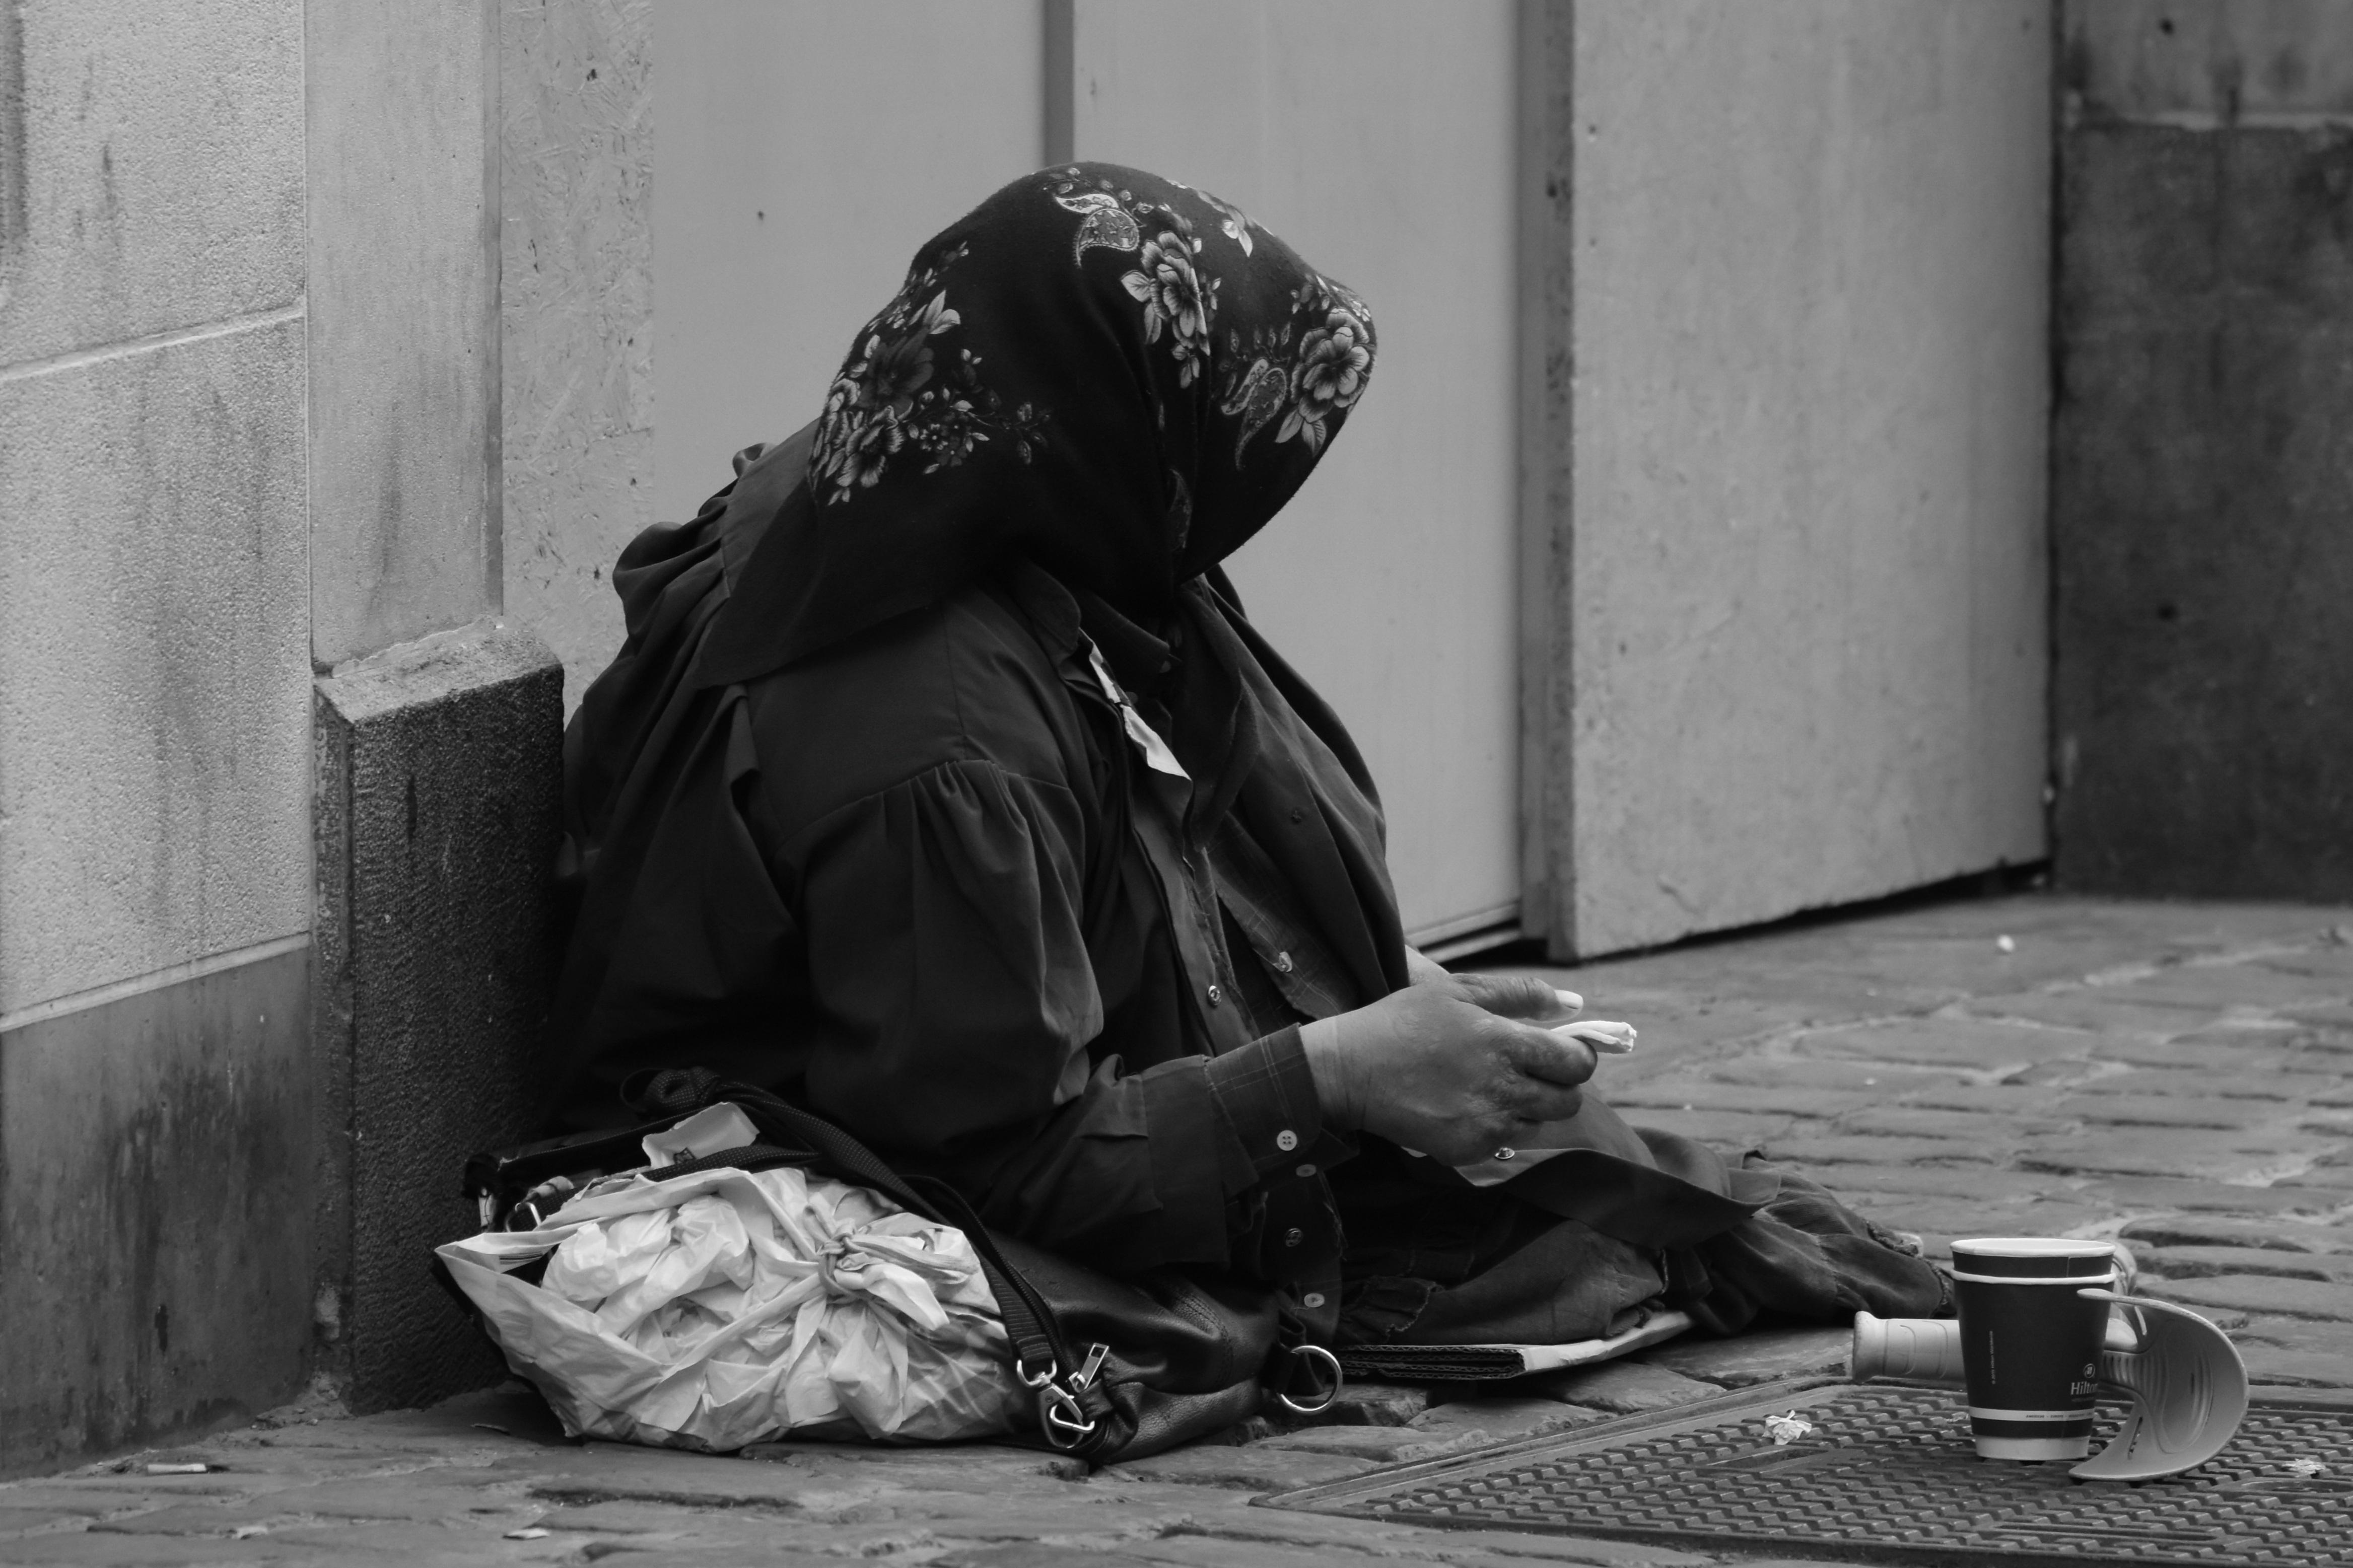 Un estudio señala que hay personas que perciben a los pobres como animales, y rechazan ayudarles porque los consideran culpables de su situación